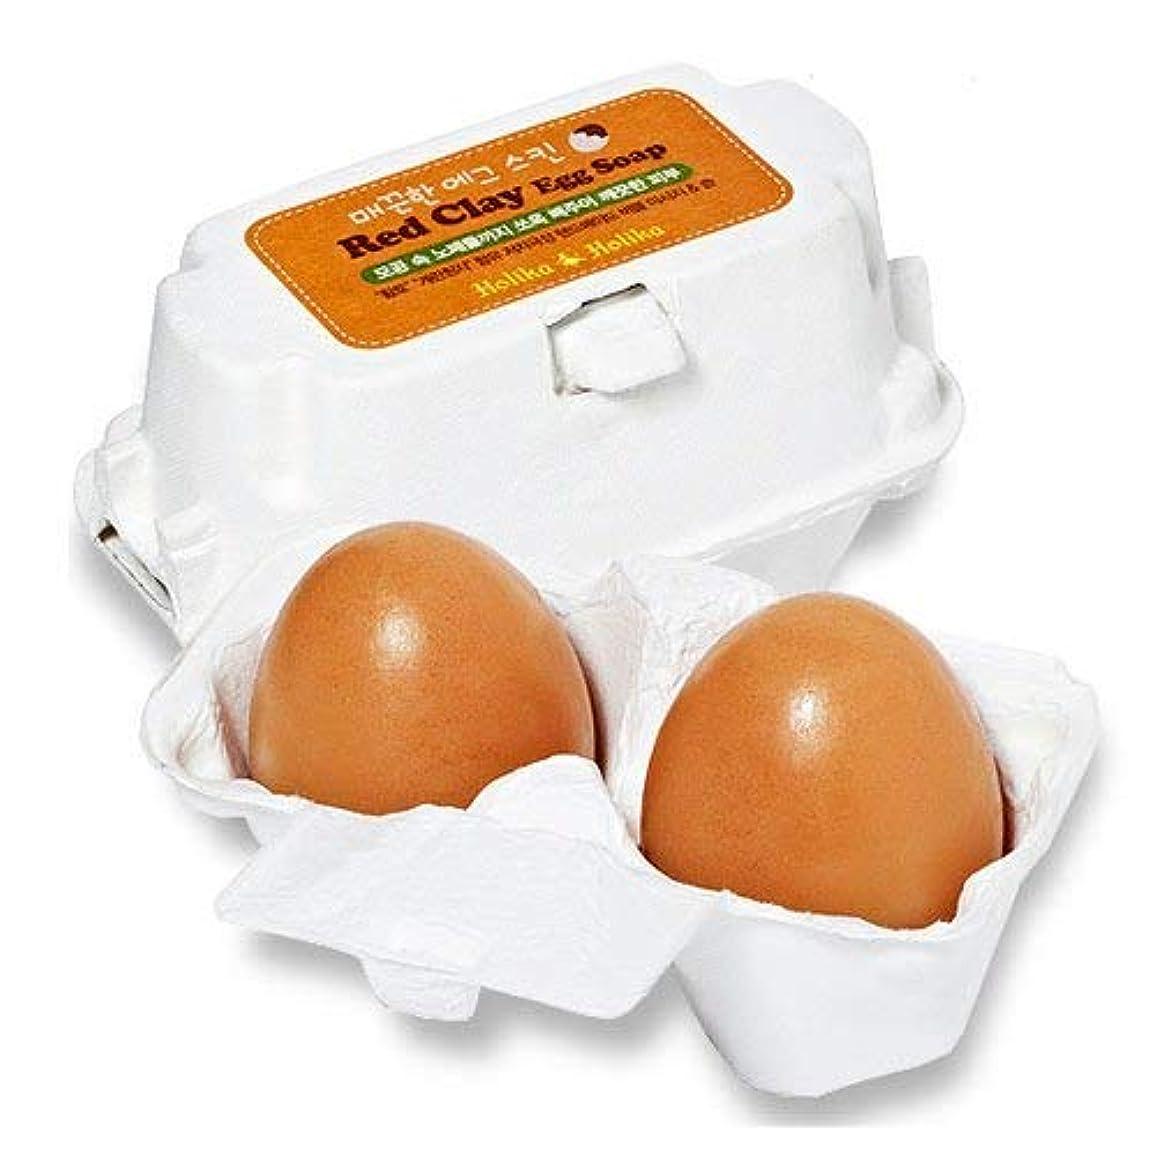 引き金医療過誤付き添い人[黄土/Red Clay] Holika Holika Egg Skin Egg Soap ホリカホリカ エッグスキン エッグソープ (50g*2個) [並行輸入品]